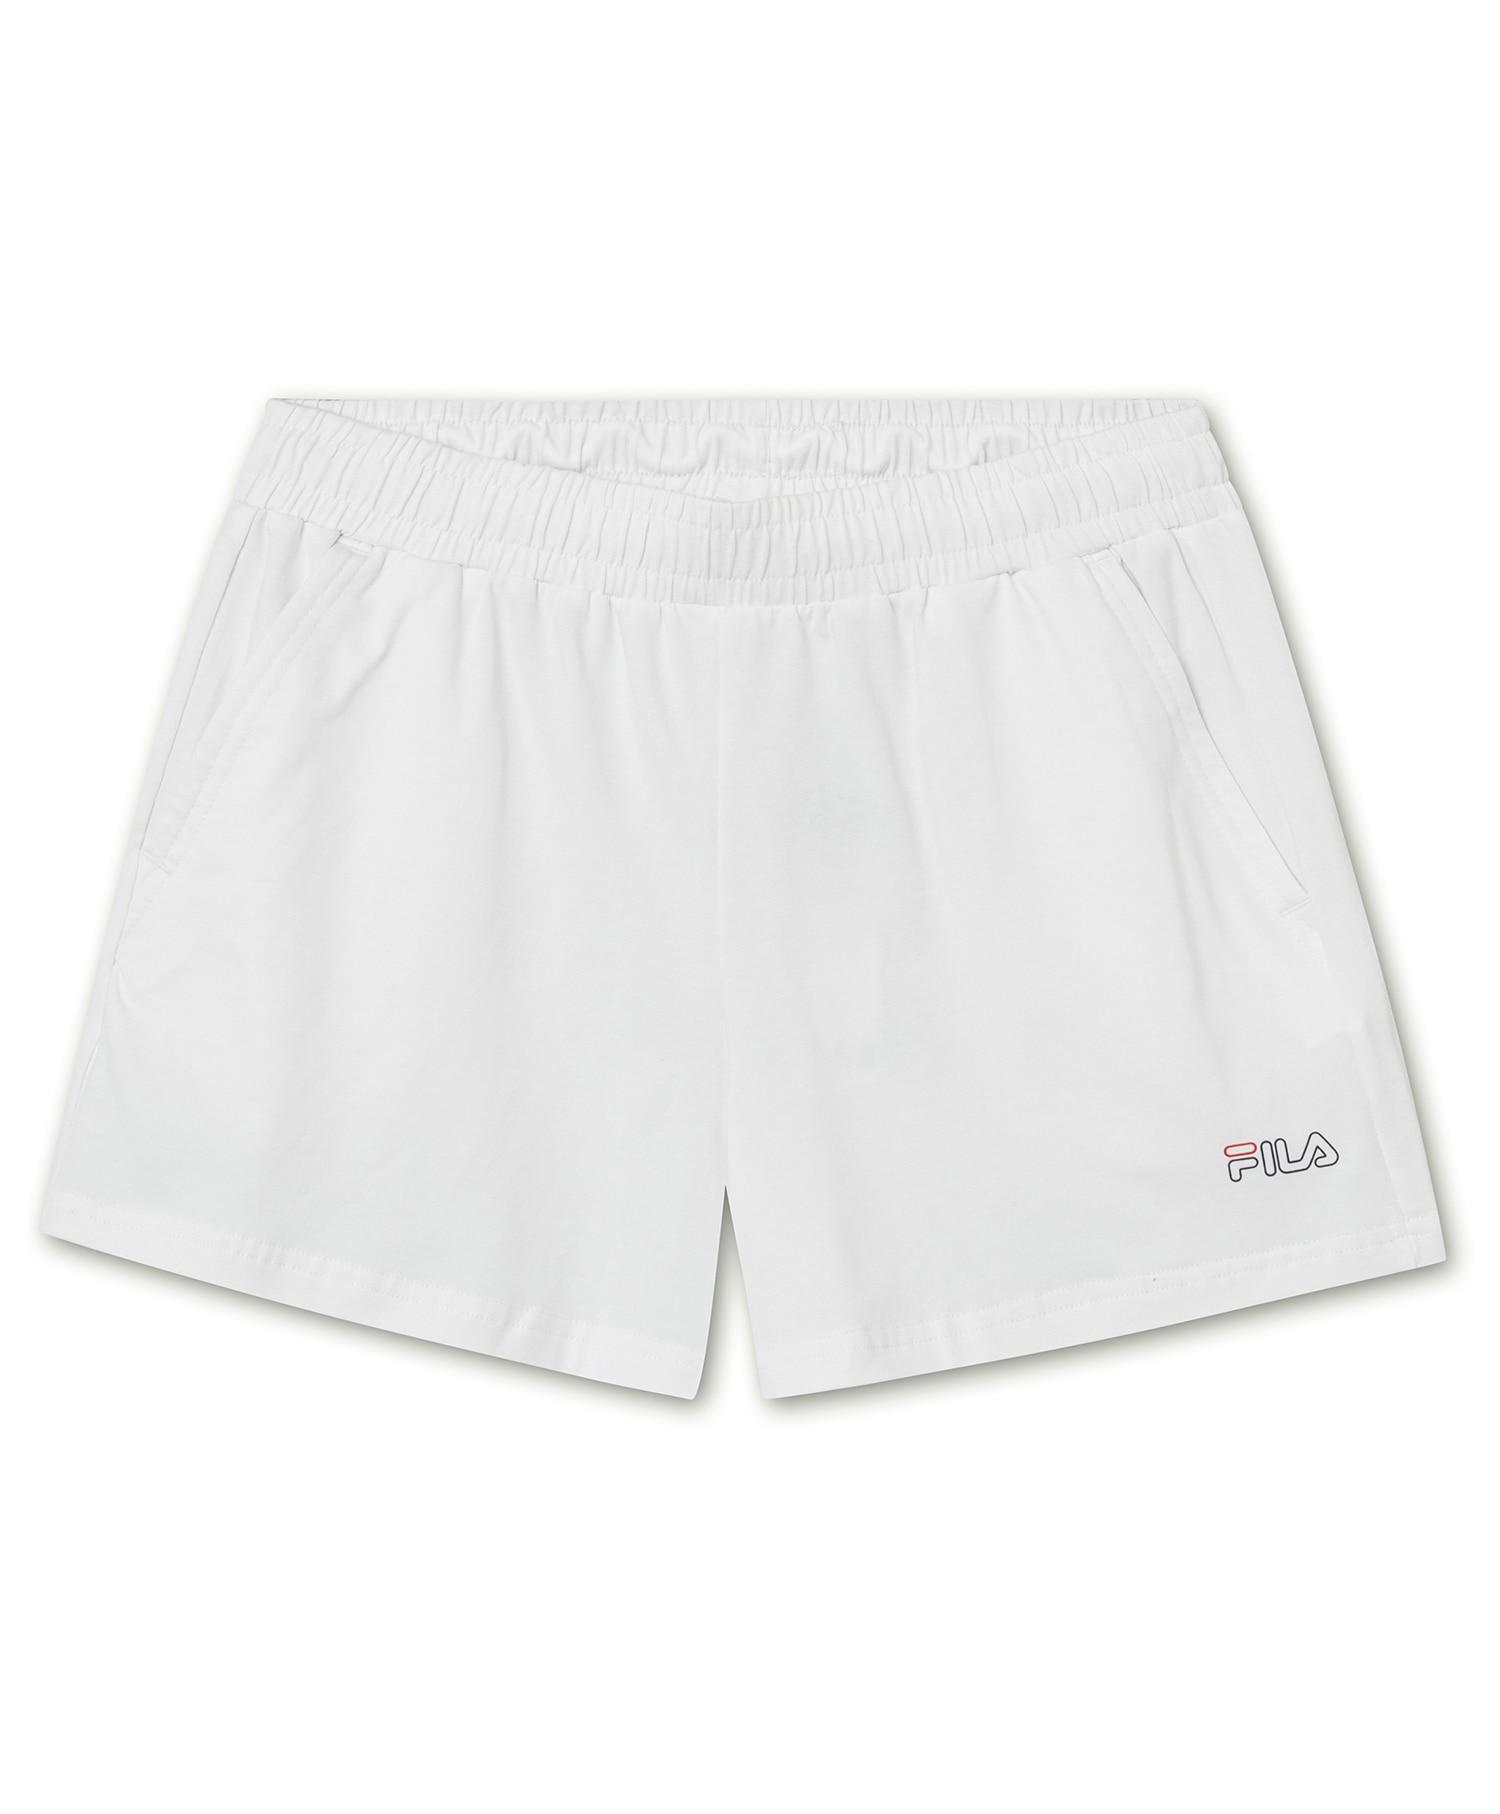 Fila Katy shorts